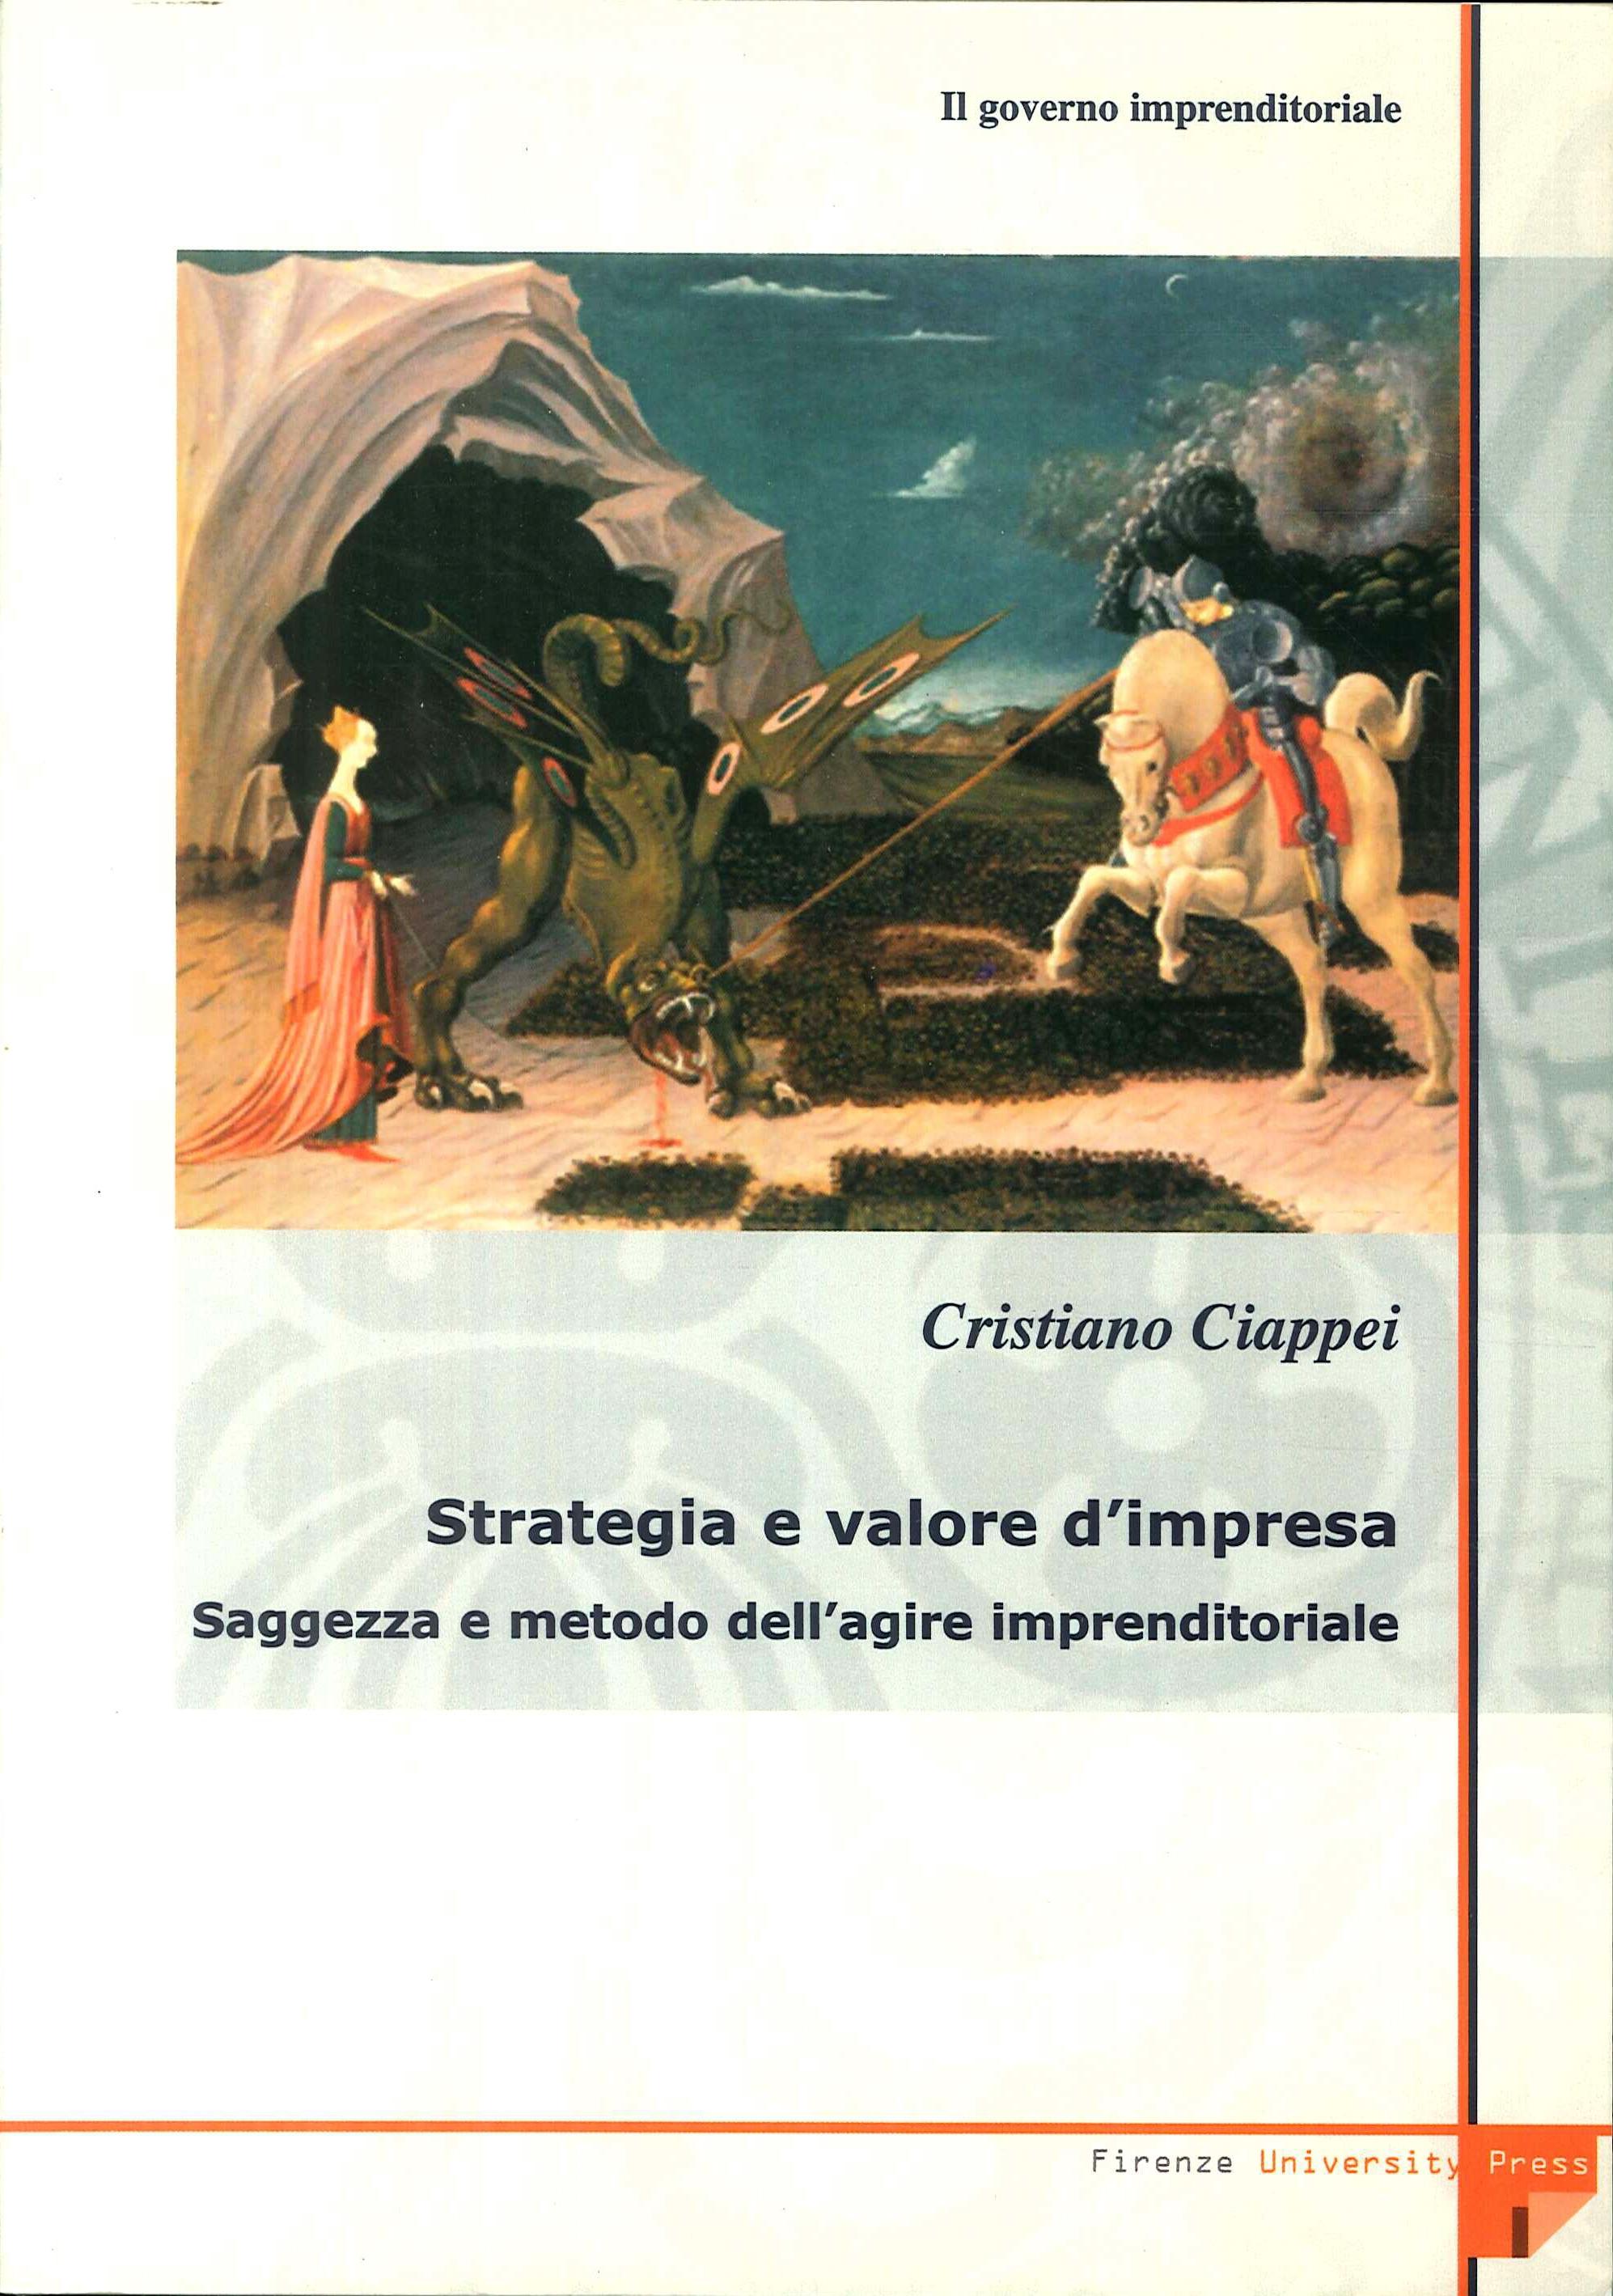 Il governo imprenditoriale. Vol. 4/2: Strategia e valore d'impresa: saggezza e metodo dell'agire imprenditoriale